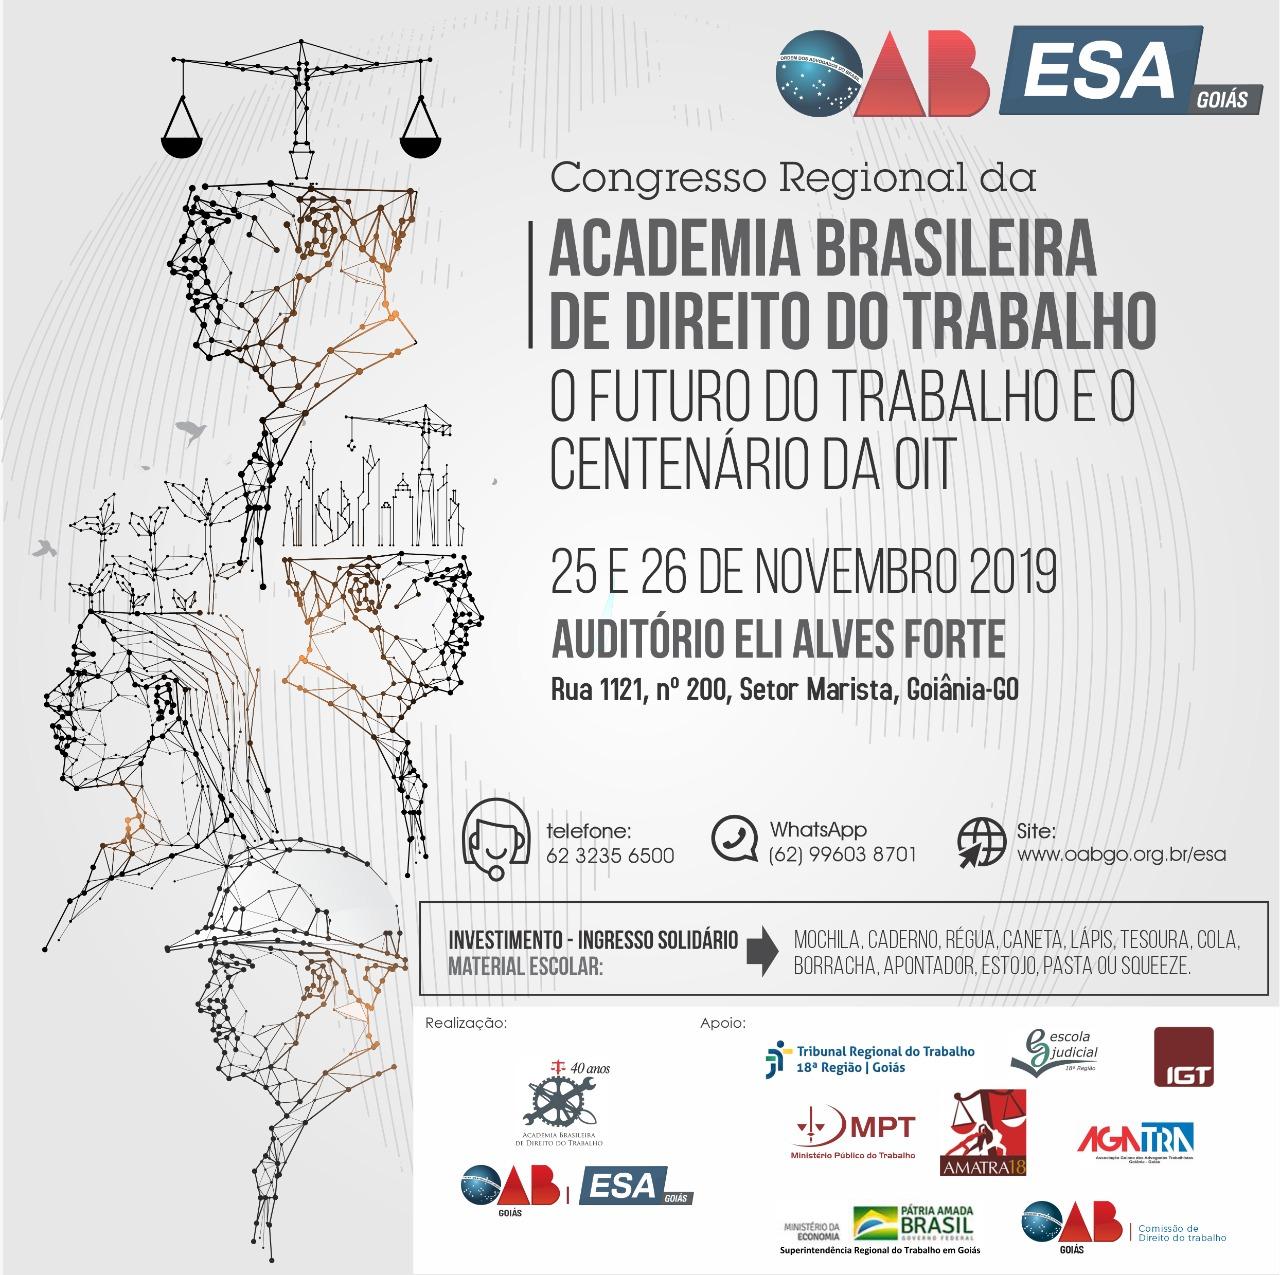 25 e 26.11 - Congresso Regional da Academia Brasileira de Direito do Trabalho